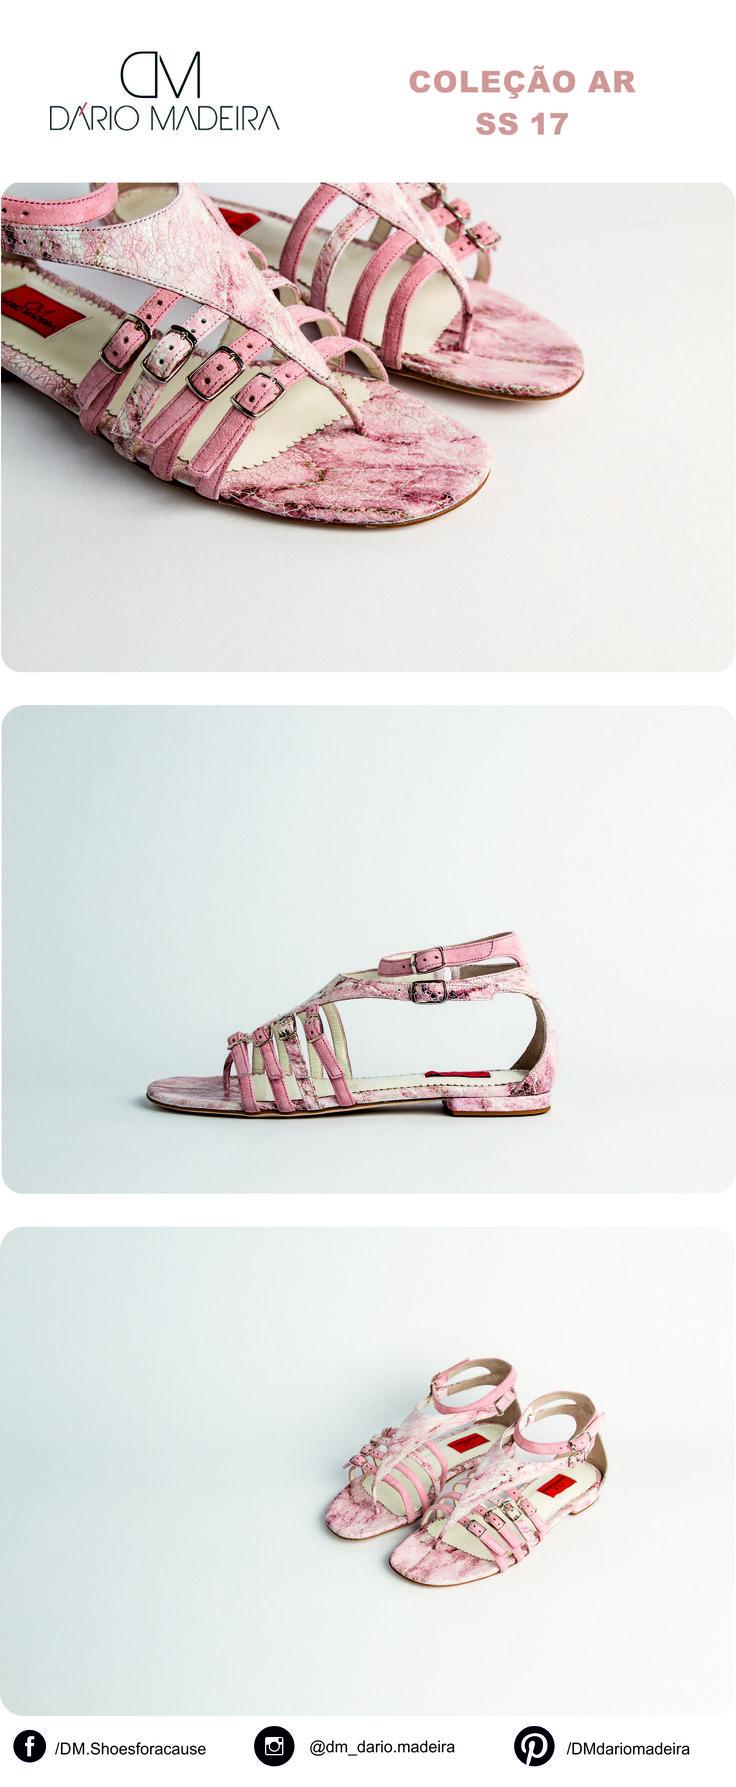 Sandália Rasa - Linha Ar | SS17 | DM - Dário Madeira  Sapato de Senhora | Shoes for a cause | Calçado Português | Portuguese Shoes | Made In Portugal